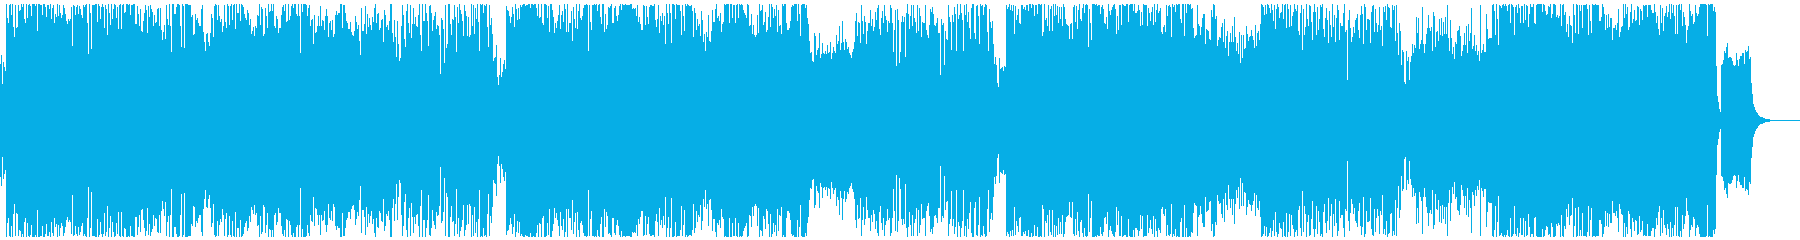 元気の出るテクノポップの再生済みの波形